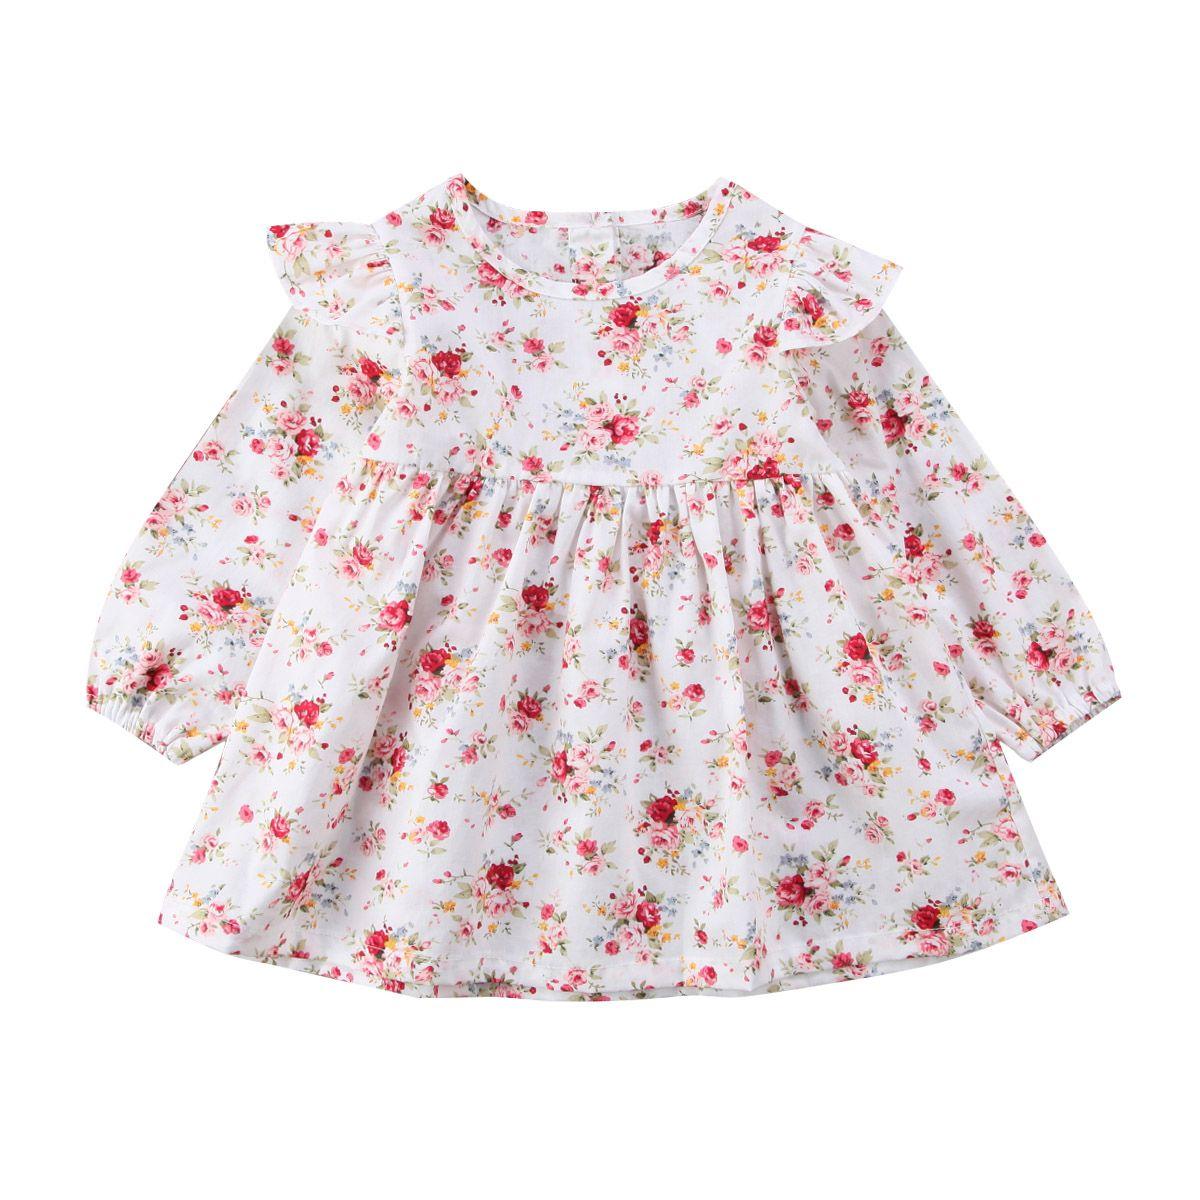 Infantil de los Bebés lindos Vestidos de Flores de Verano Volantes Manga de la Impresión Floral Traje Tutu Ropa de Vestir Para Niños Niñas